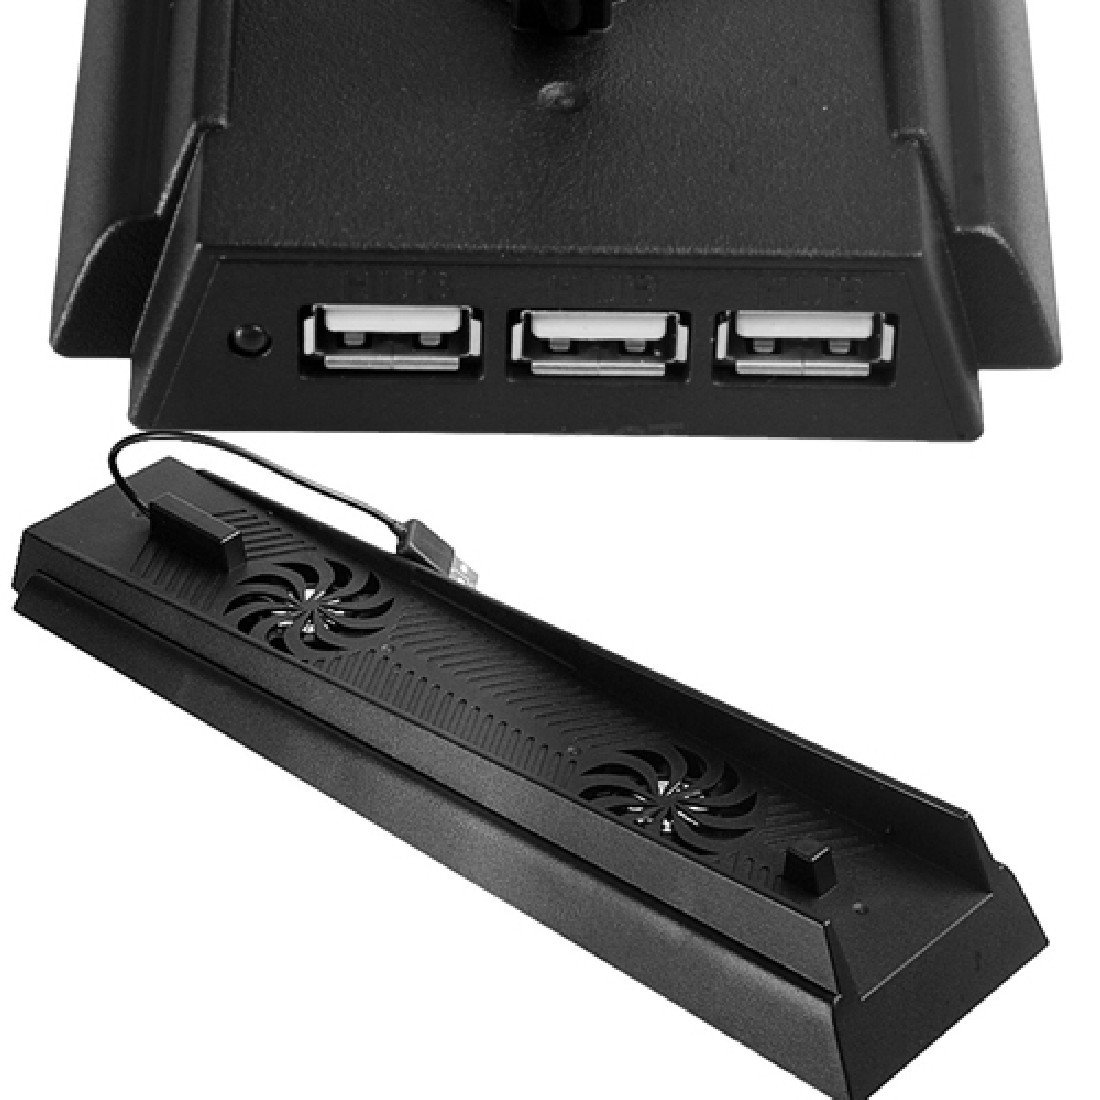 Ventilateurs Chargeur Dock Support de charge Console Pour Ps4 Usb Port plastique refroidissement NoyoKere LAIFA16C0500